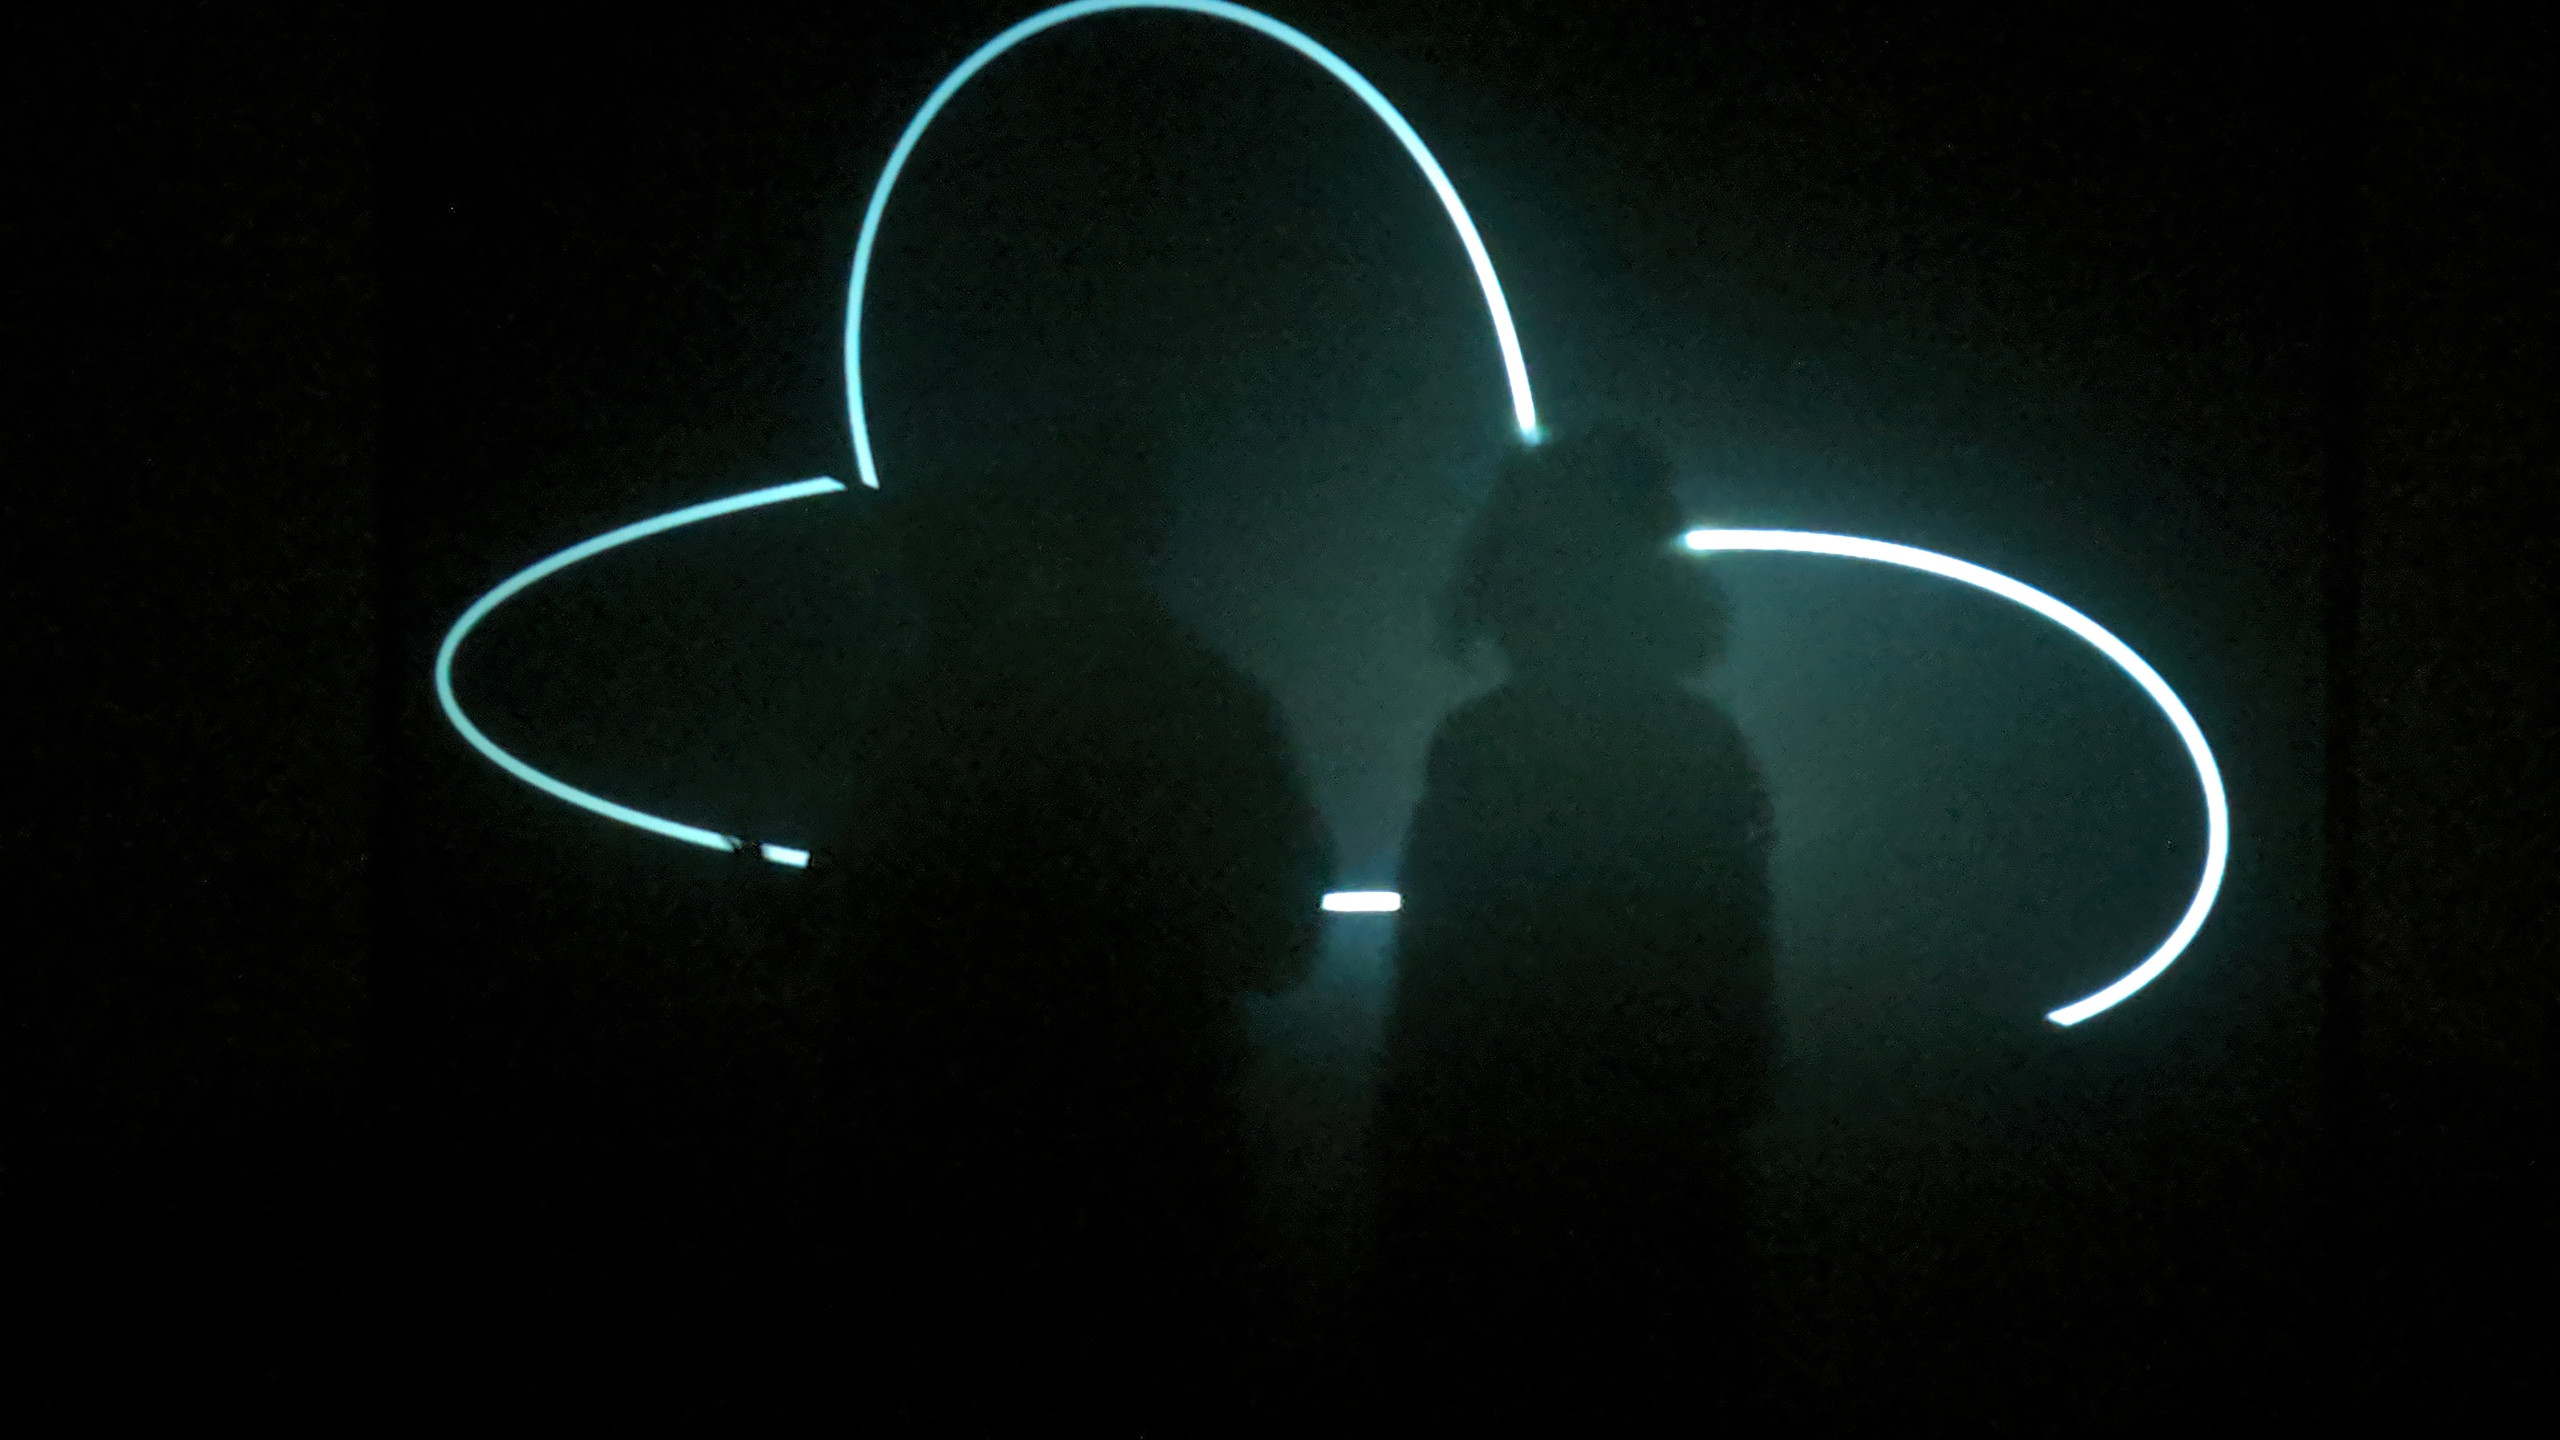 Dark Rooms, Solid Light